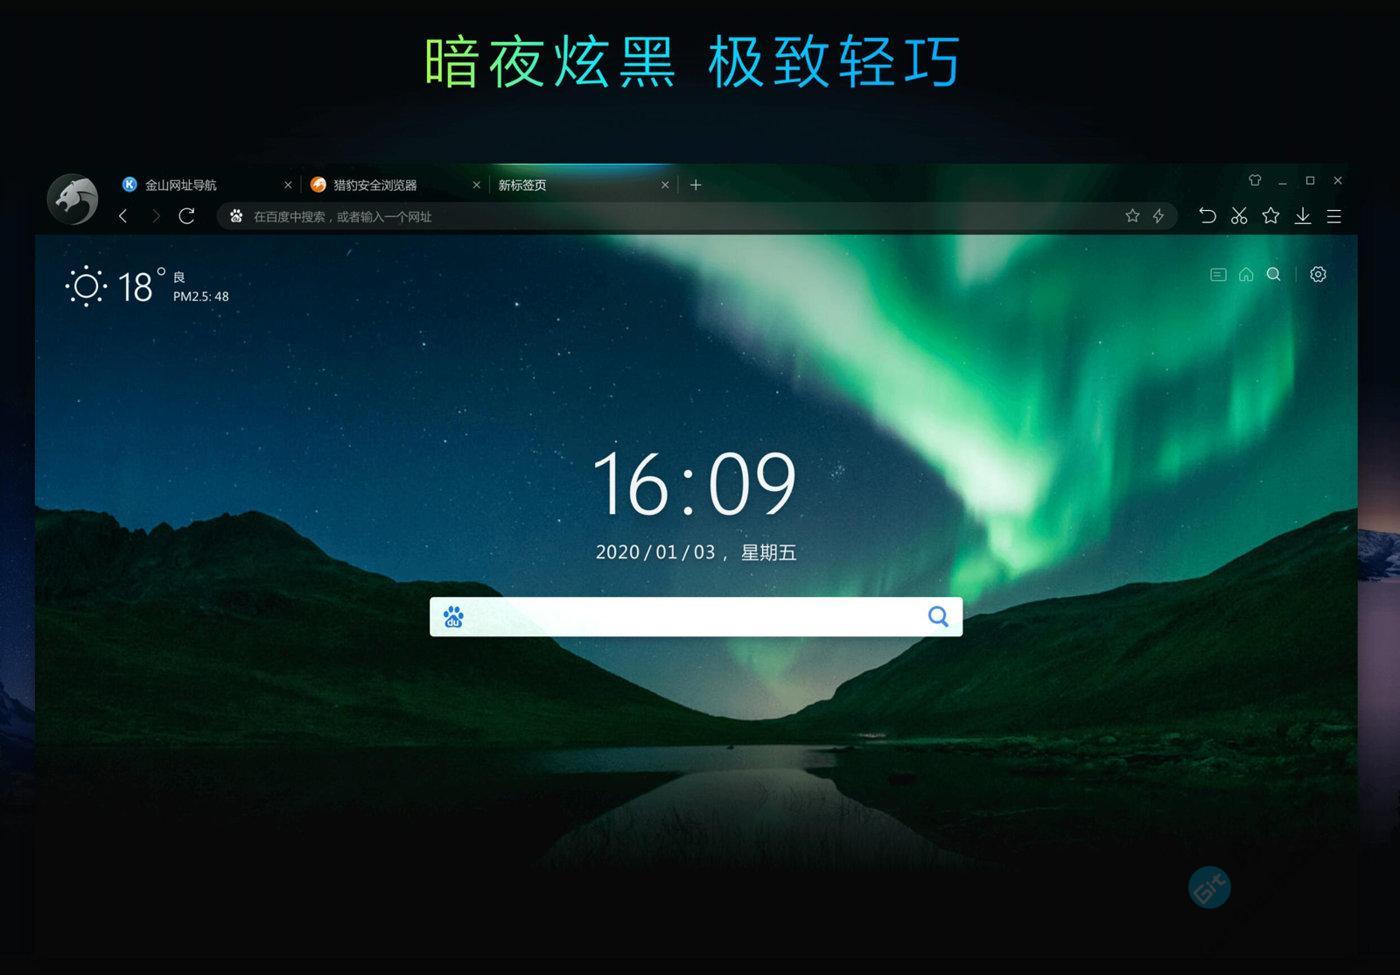 猎豹安全浏览器安装扩展和crx插件的图文教程